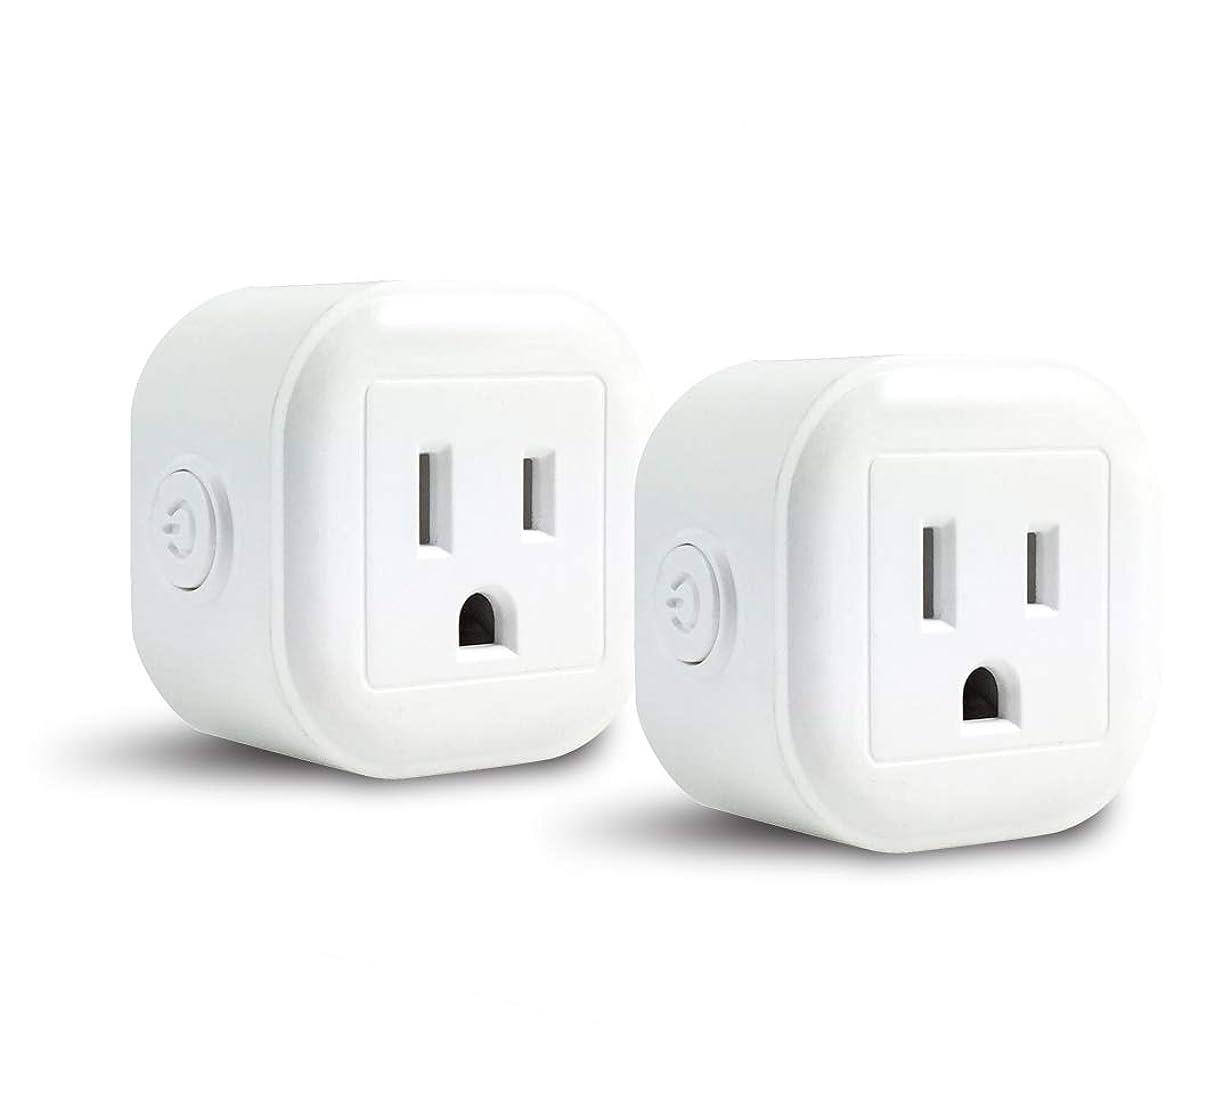 フェード解決する効果的GoldenDot WiFiミニプラグ スマートホーム電源コントロールソケット 自宅の家電をどこからでもワイヤレス制御 ハブ不要 AlexaとGoogle Home対応